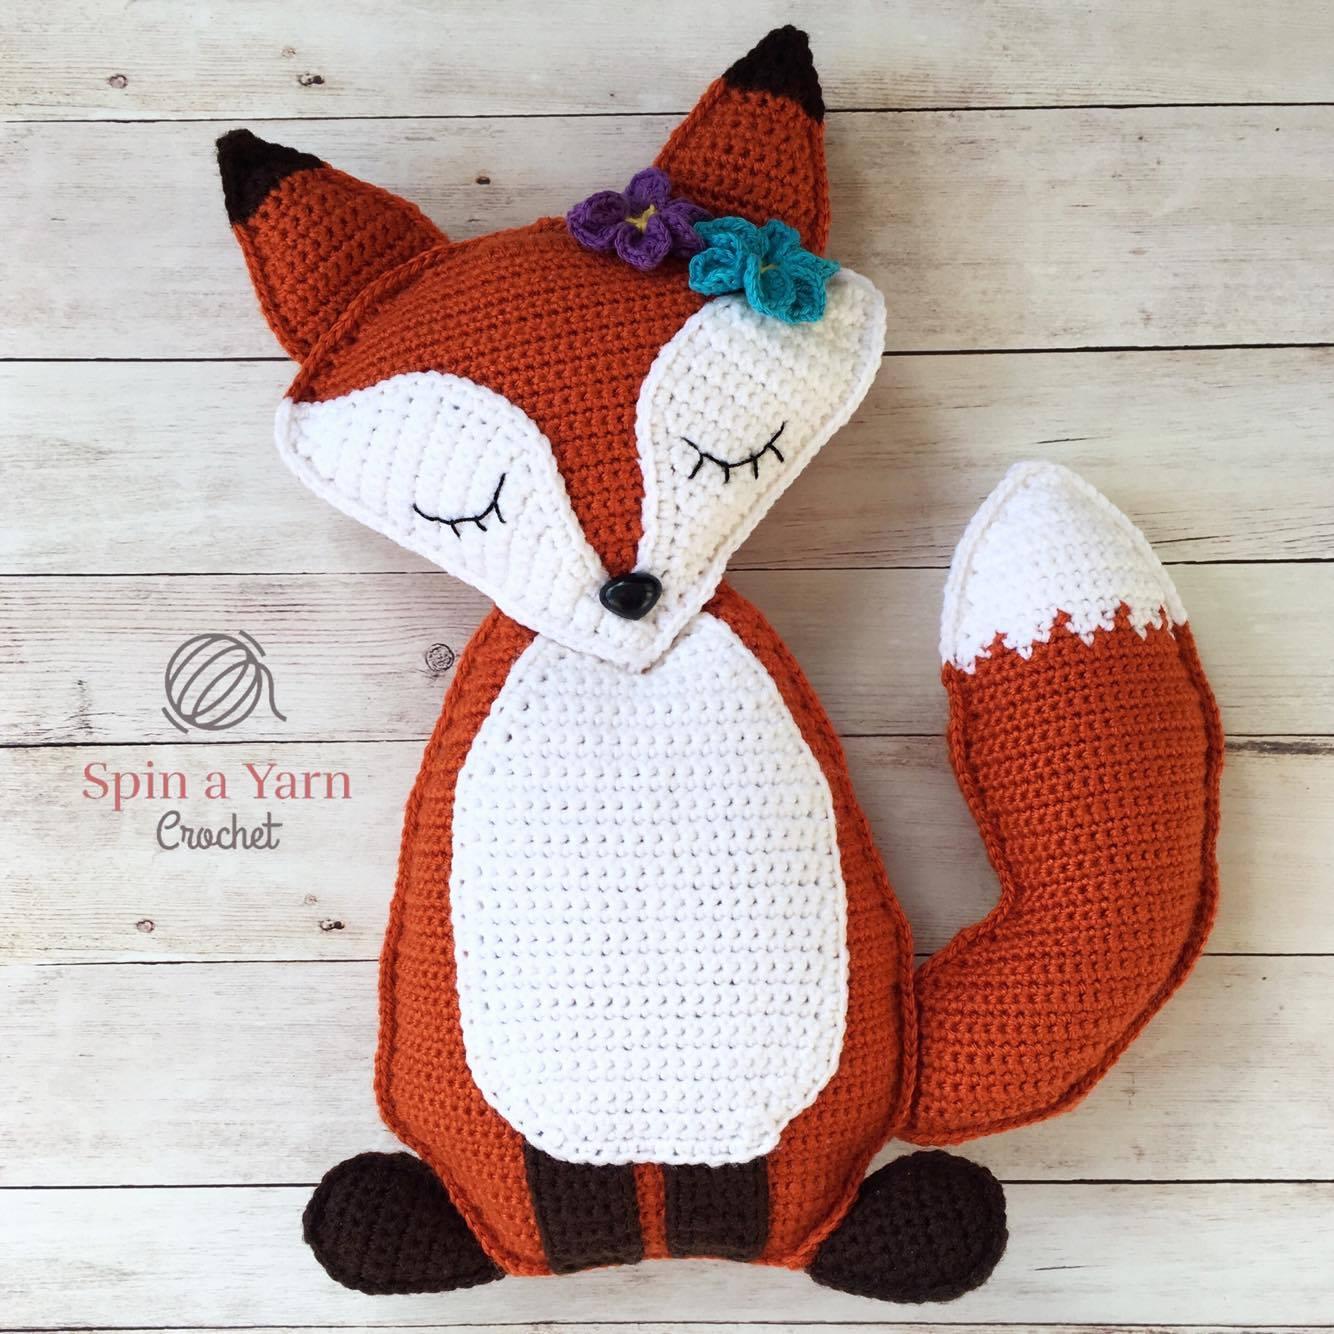 Sleeping fox amigurumi pattern | Amiguroom Toys | 1334x1334